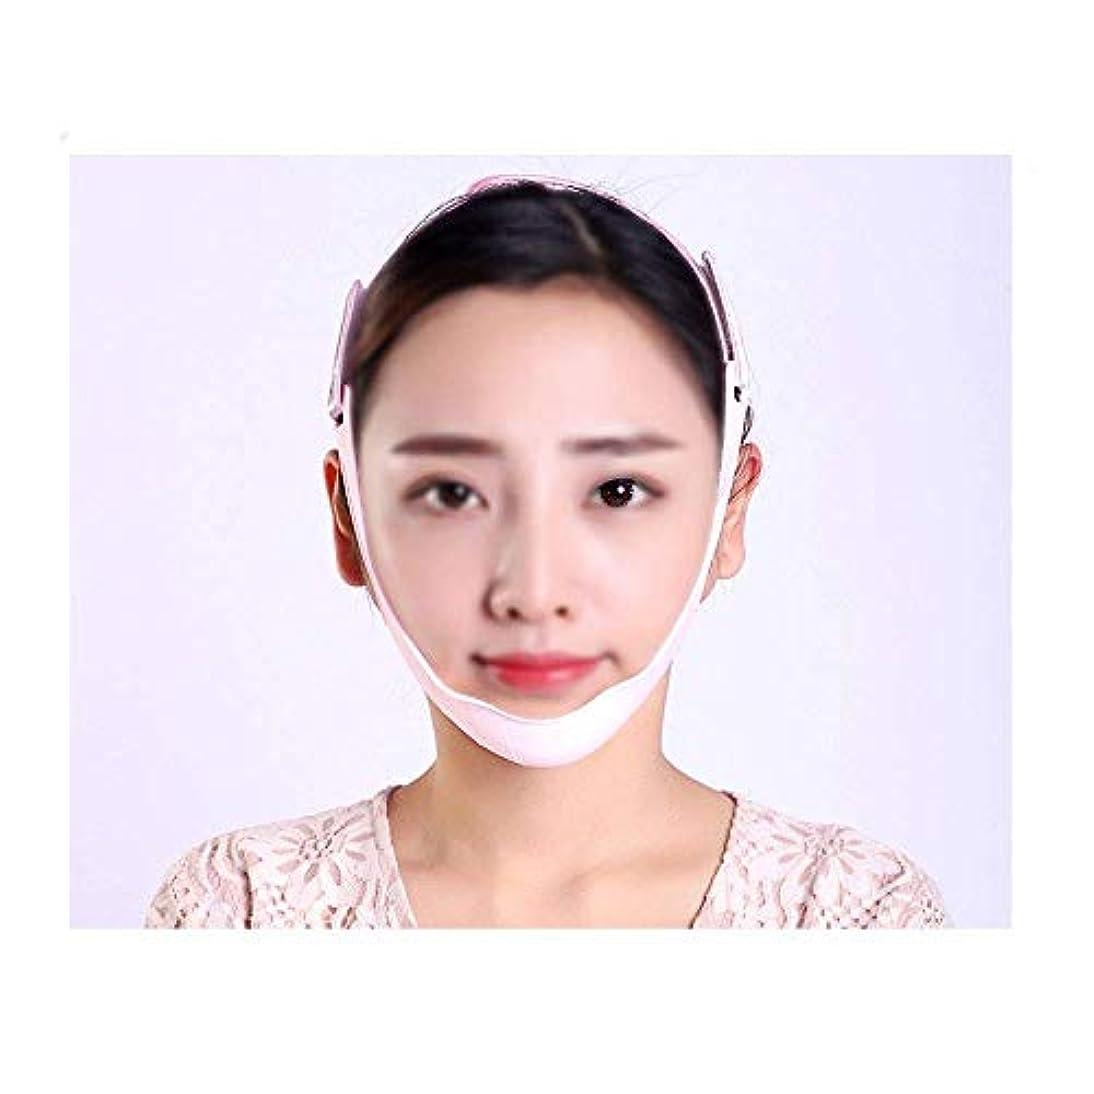 レキシコン運営太いフェイシャルリフティングマスク、リフティングフェイシャルファーミングアーティファクト/マッサージ器薄い顔の包帯/通気性ダブルチンスリミングマスク